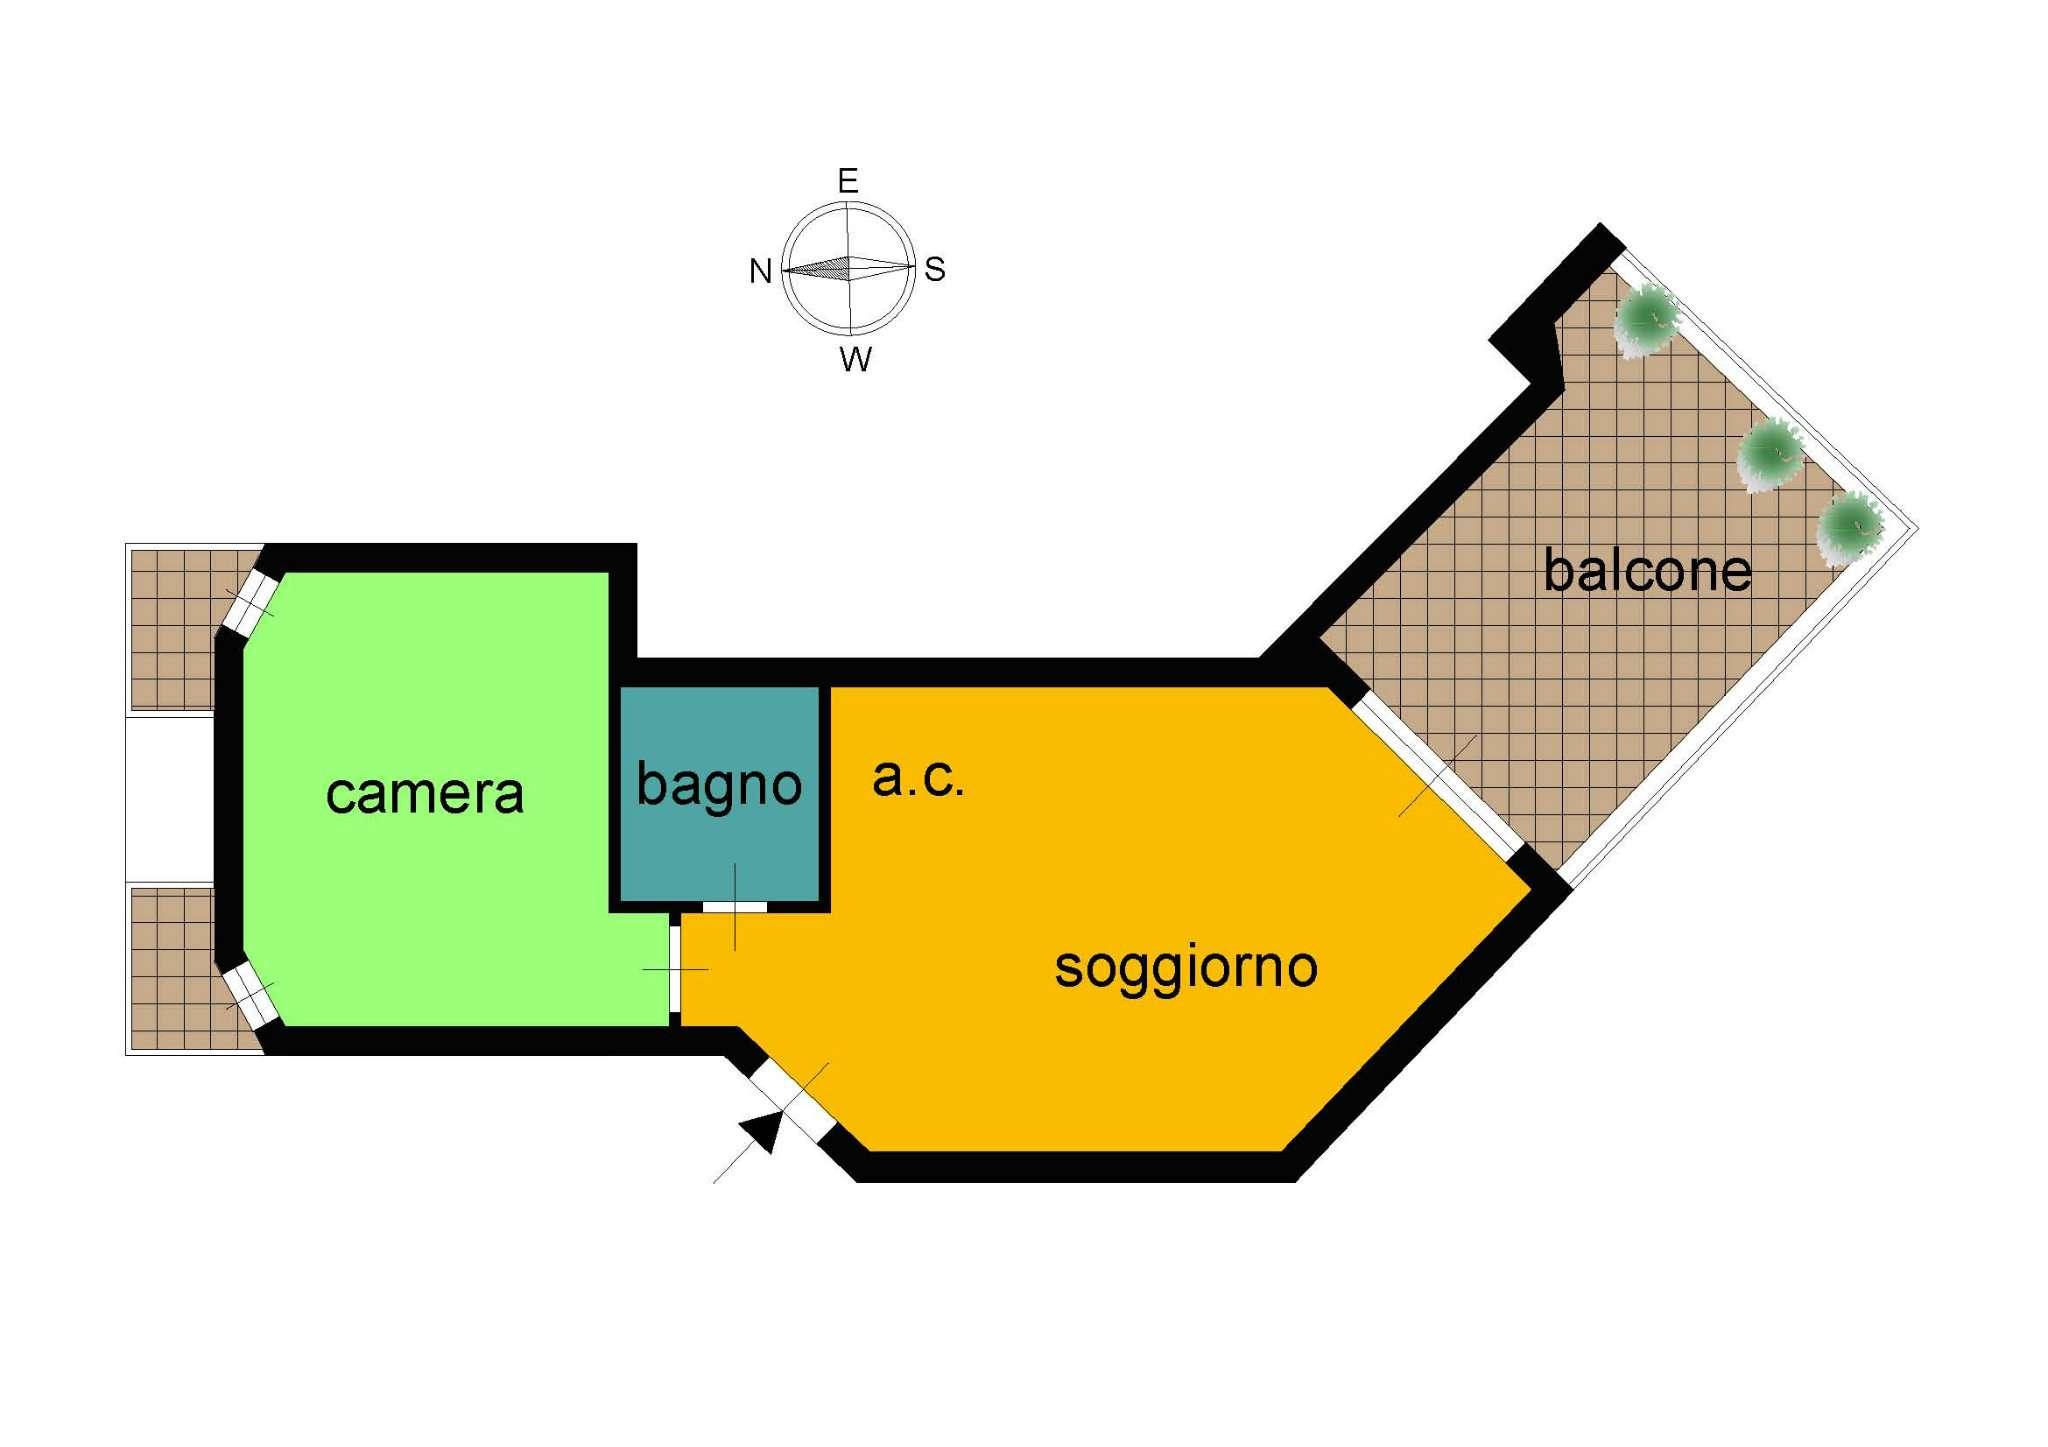 Appartamento in vendita a Santa Marinella, 2 locali, prezzo € 130.000 | CambioCasa.it